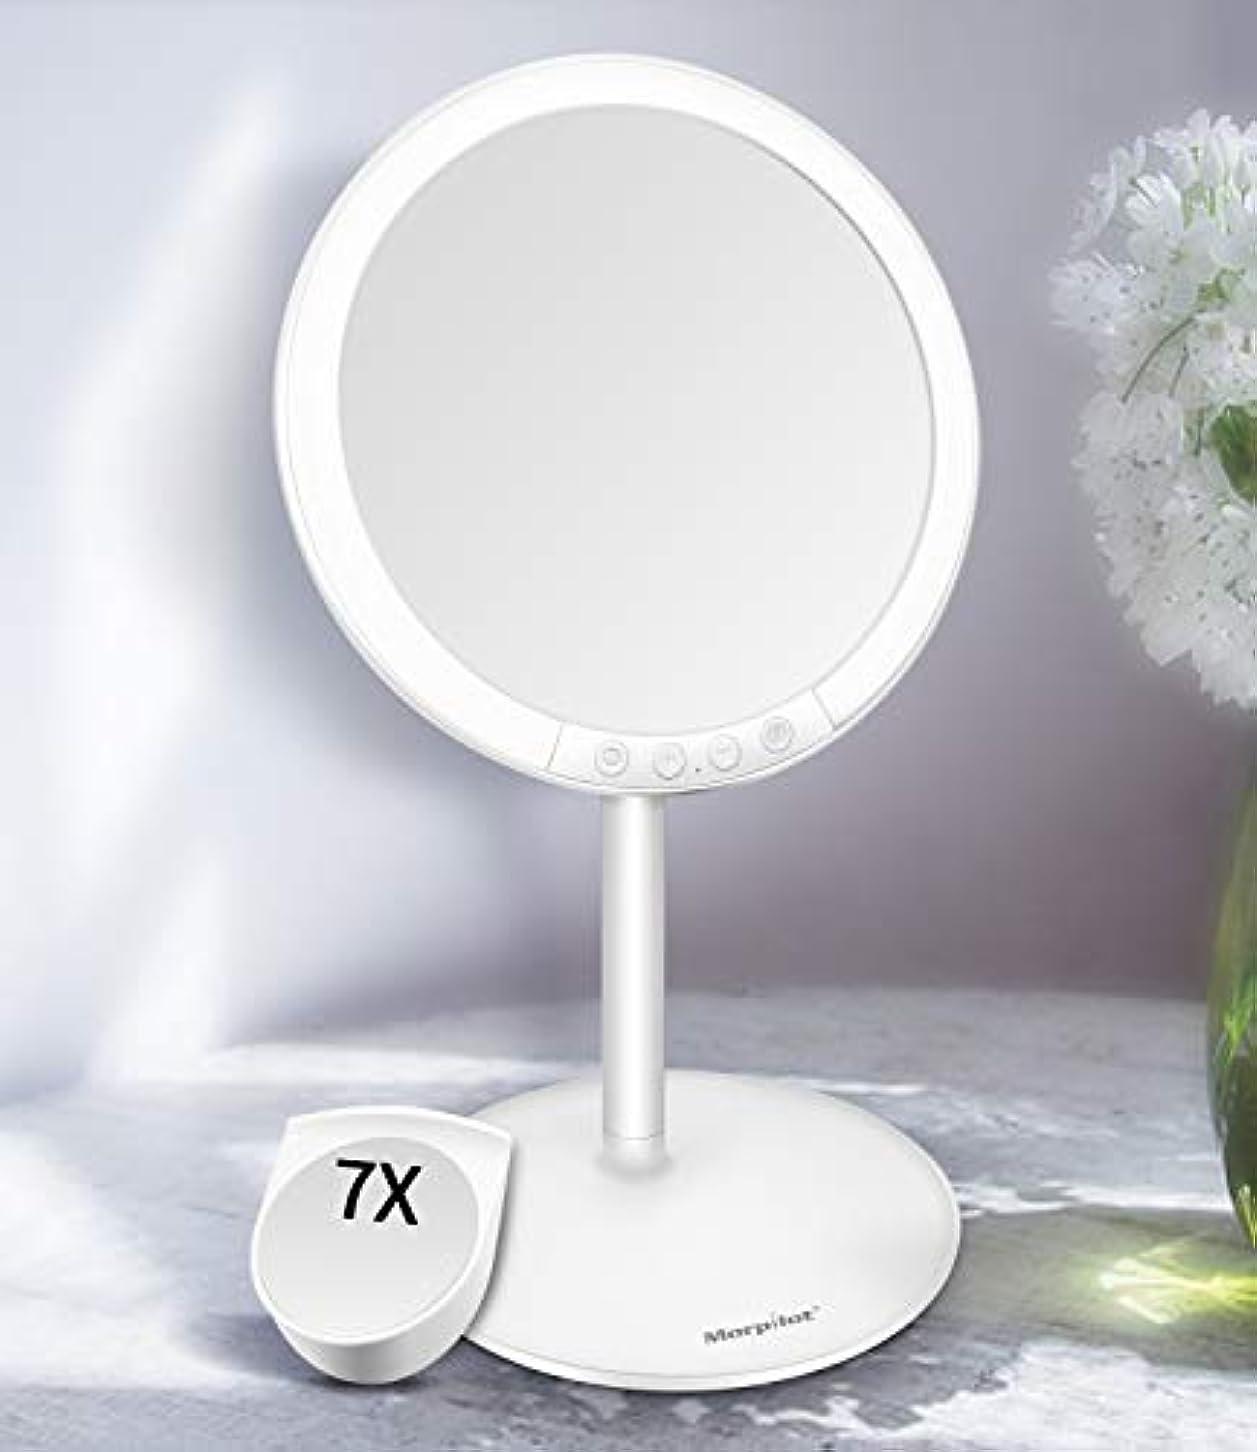 不毛のマルクス主義者計画的Motpilot 化粧鏡 卓上ミラー 鏡 化粧ミラー 女優ミラー LEDミラー スタンドミラー USB充電式 寒暖色調節可能 明るさ7段階調節可能 7倍拡大鏡付き 120°回転 ホワイト